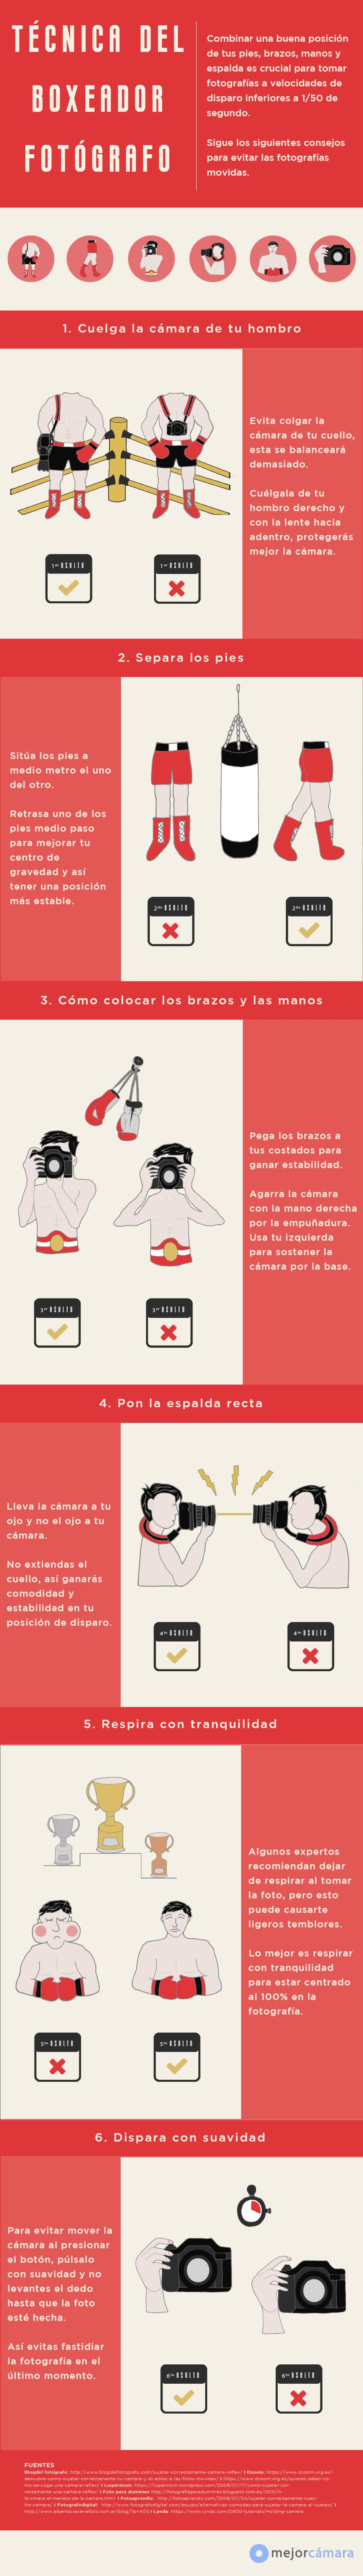 ¿Sabes sujetar una cámara? Saca fotos más nítidas con estos consejos